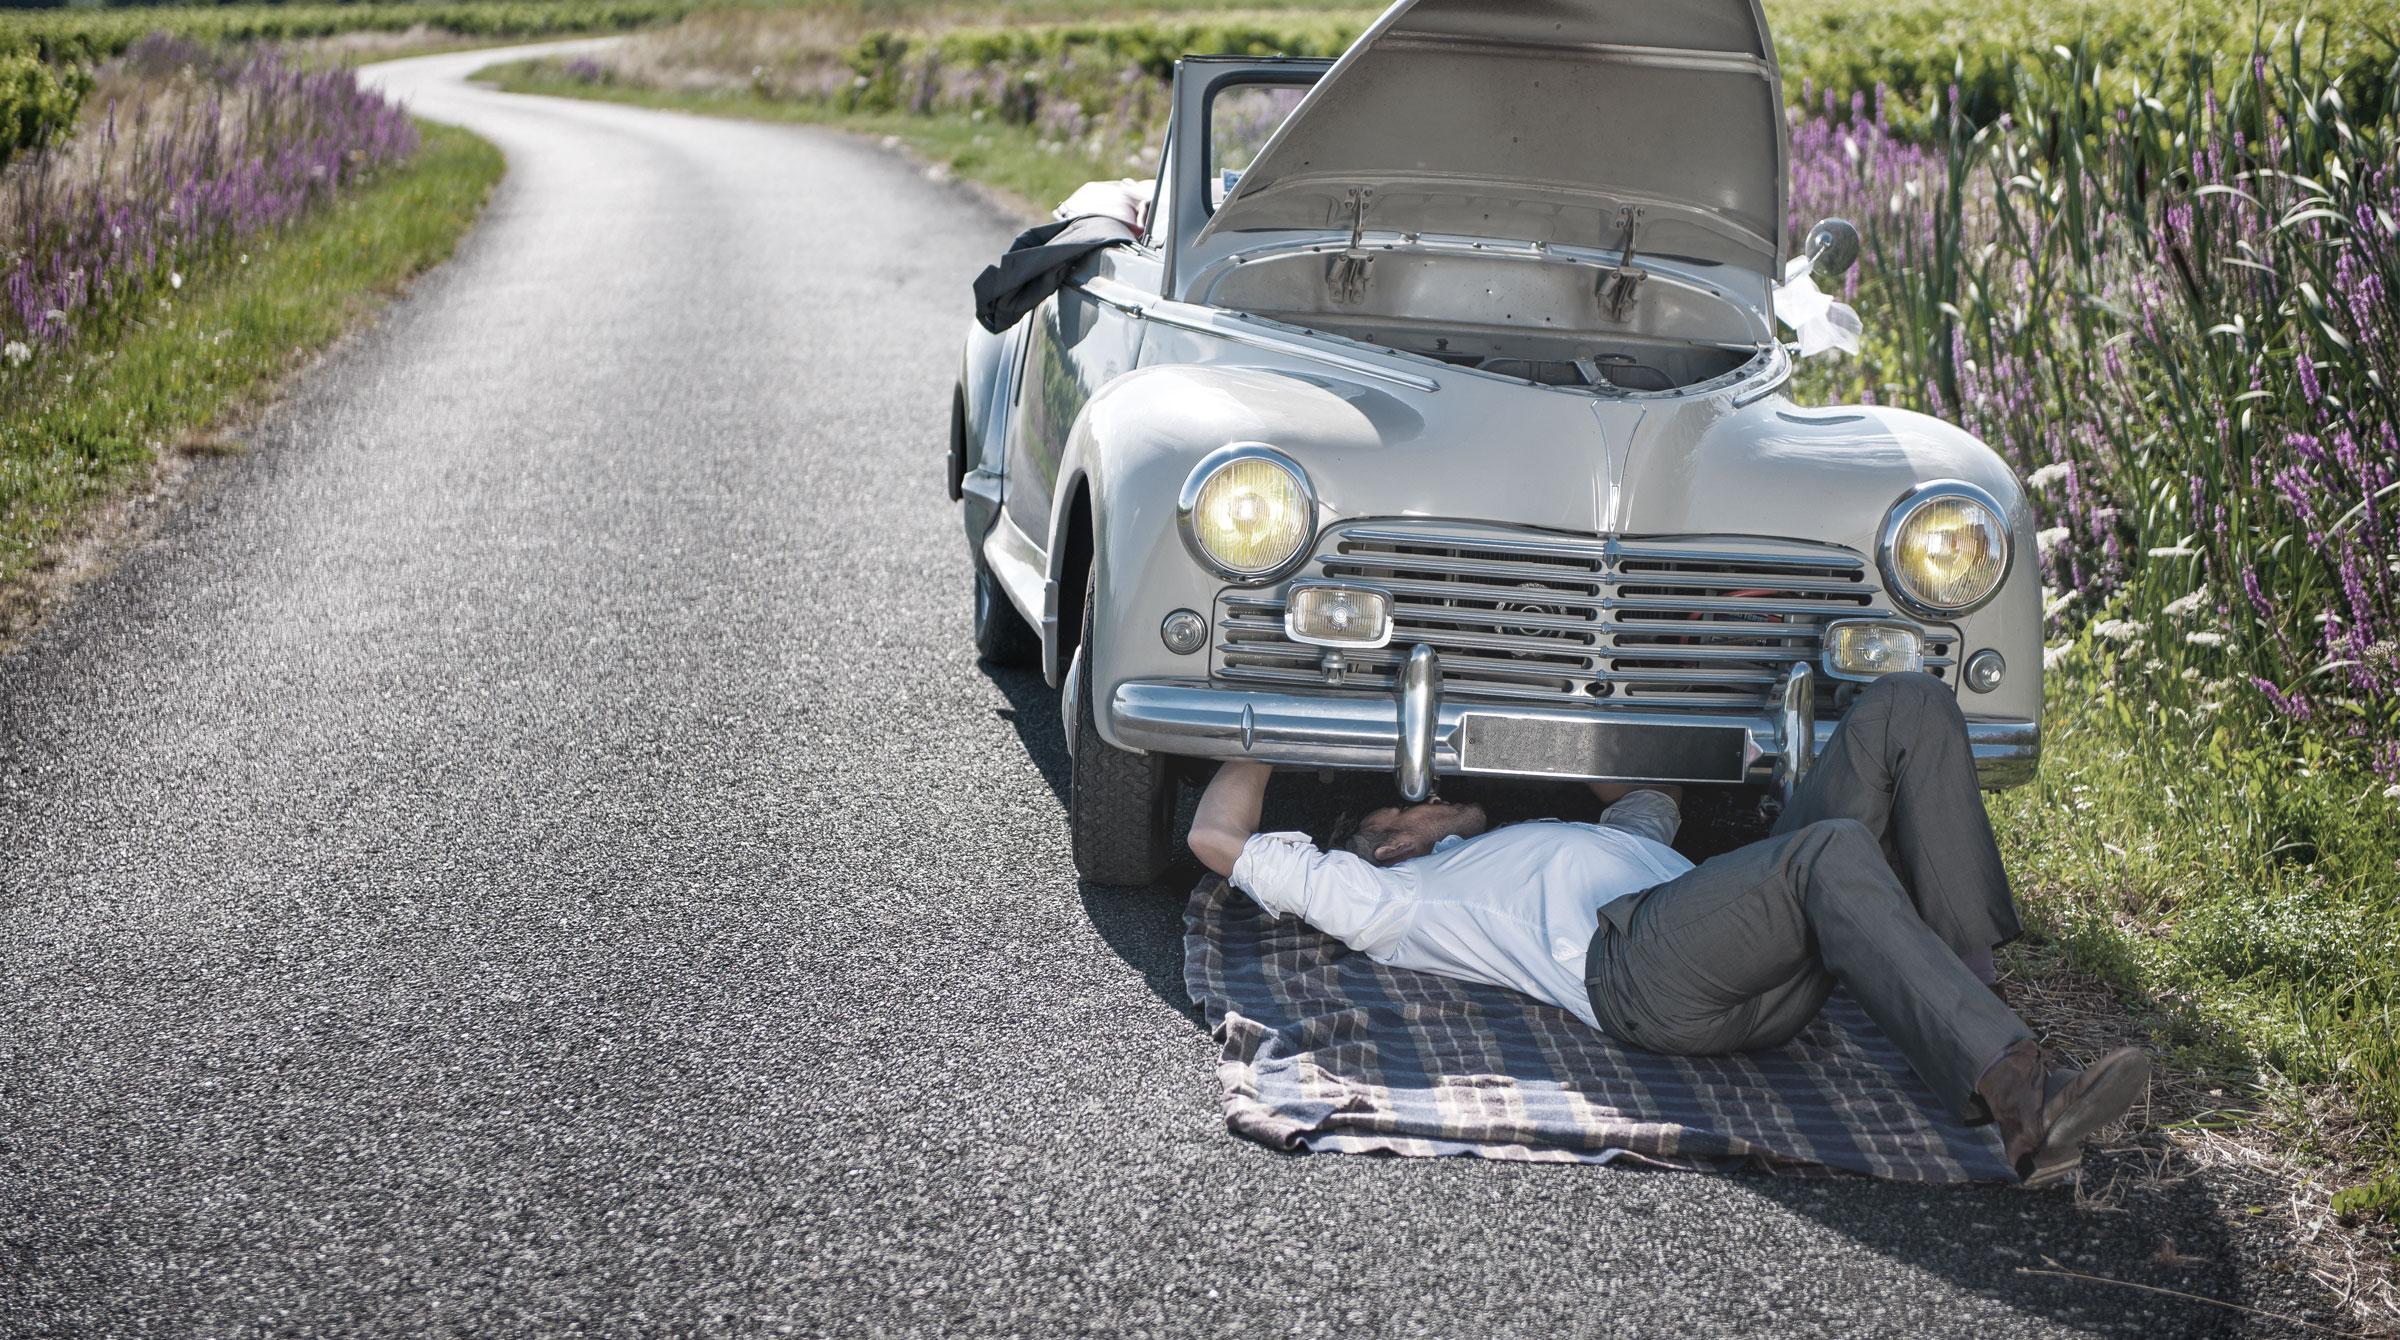 Teaserbild Autoversicherung Schadenfall